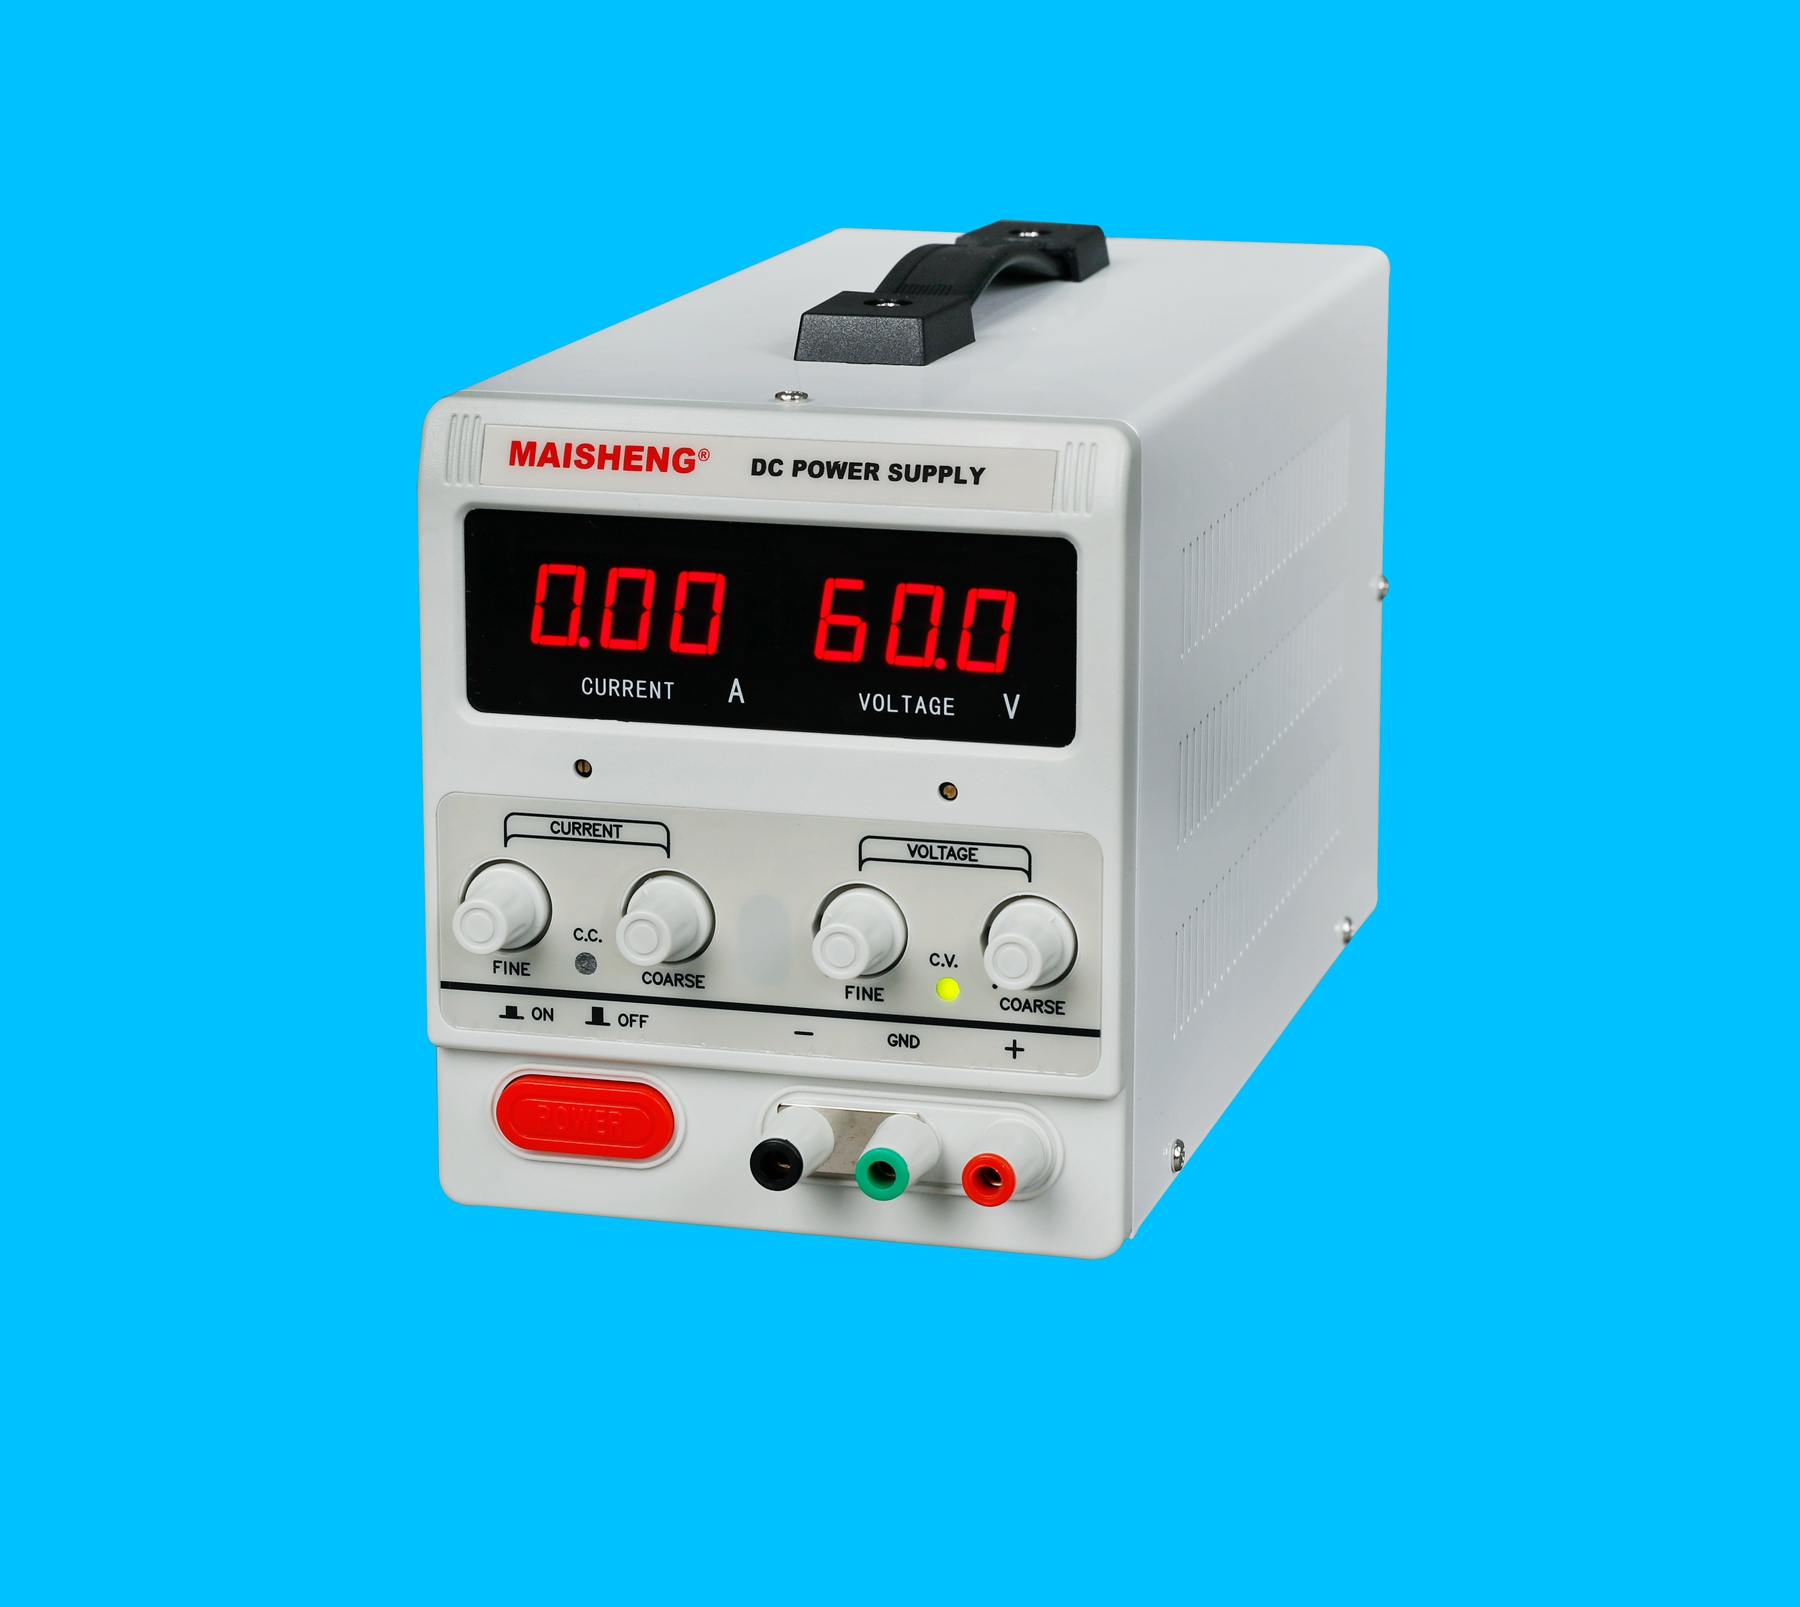 型号:MS1001D:0-100V/0-1A 产品特点: 1. 加厚钢板机箱,美观大方,坚固耐用。提手设计,方便搬运。 2. 电压、电流均采用粗调和细调设计,精确调整输出电流、电压值。 3. 恒压、恒流自动转换,即可当恒压源使用,亦可当恒流源使用。 4. 保护功能完善:过压保护(OVP),短路保护(OCP),过温保护(OTP)。 5.